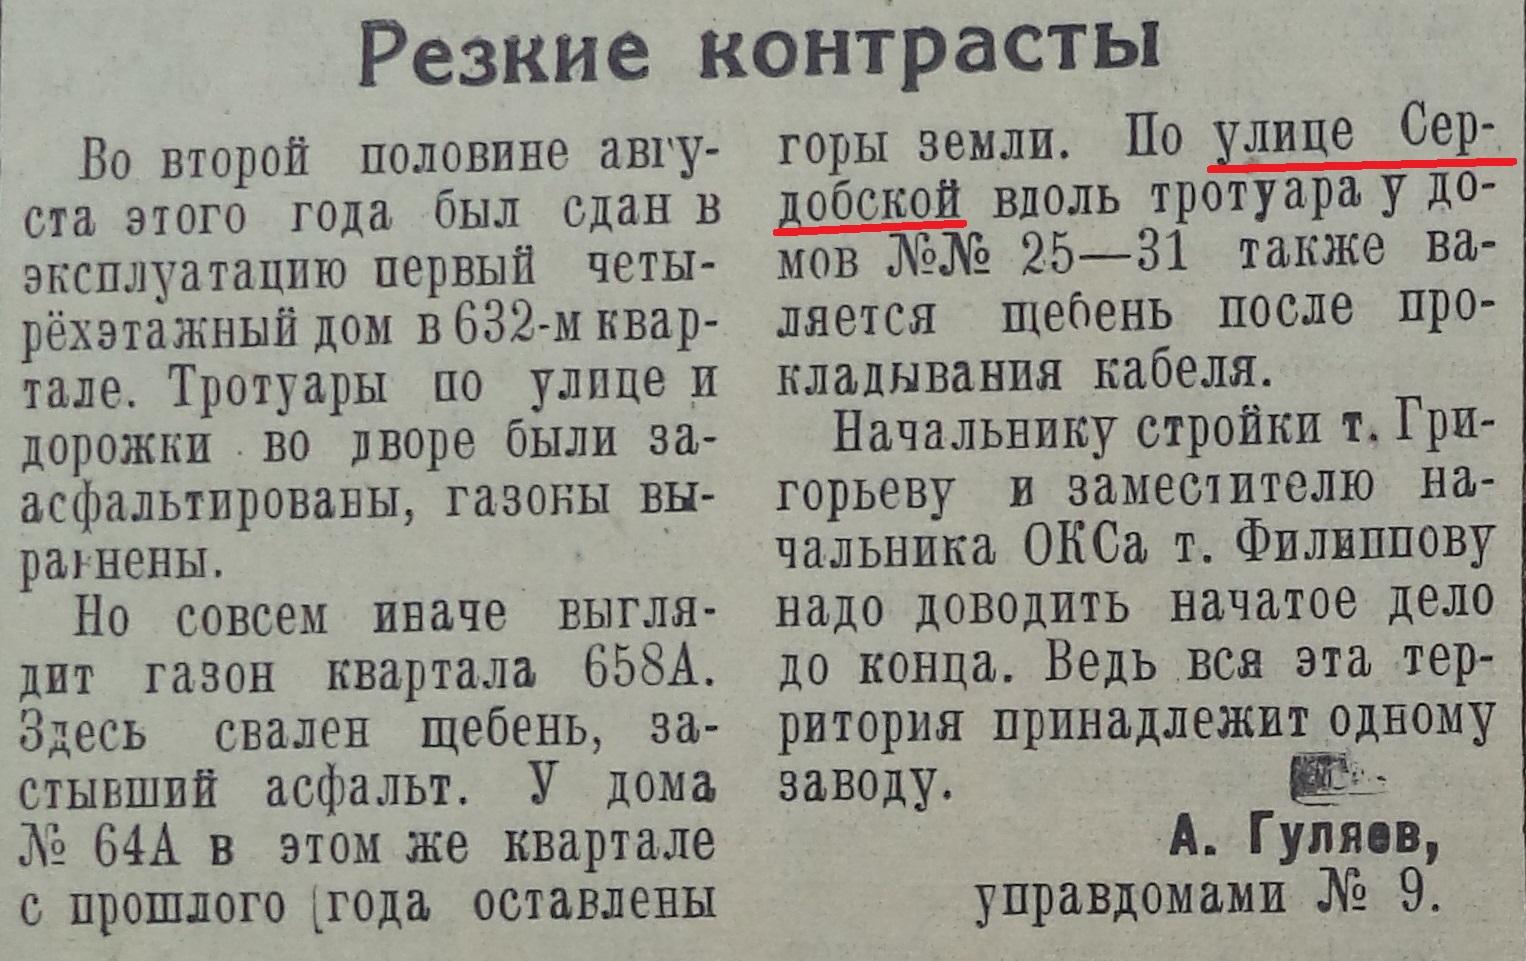 Сердобская-ФОТО-10-За ударные темпы-1960-15 октября